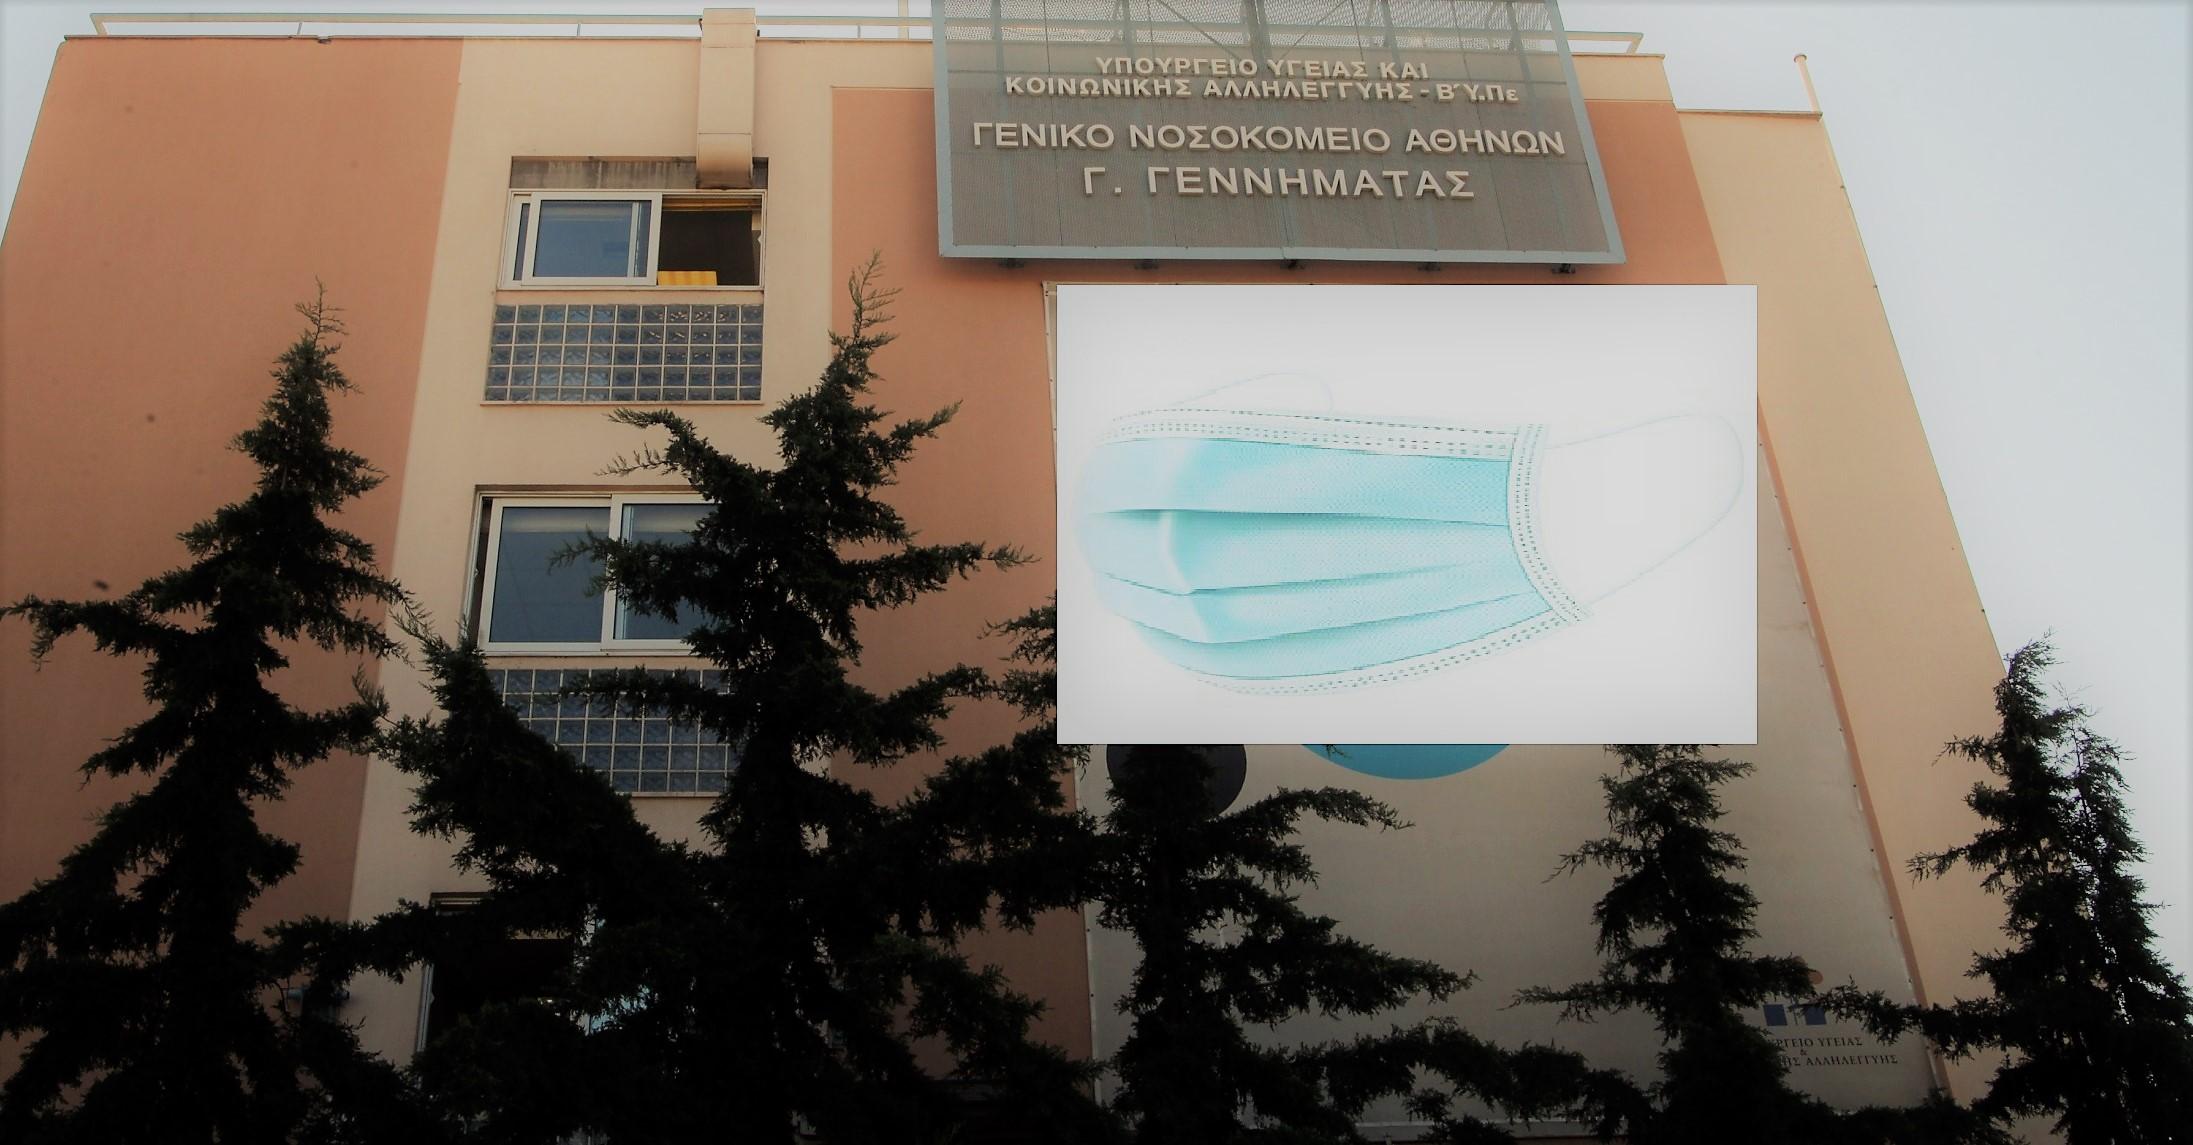 Κορωνοϊός-Νοσοκομείο Γεννηματάς: Ασθενείςμπαίνουν αρνητικοί και αποκτούν κορωνοϊό